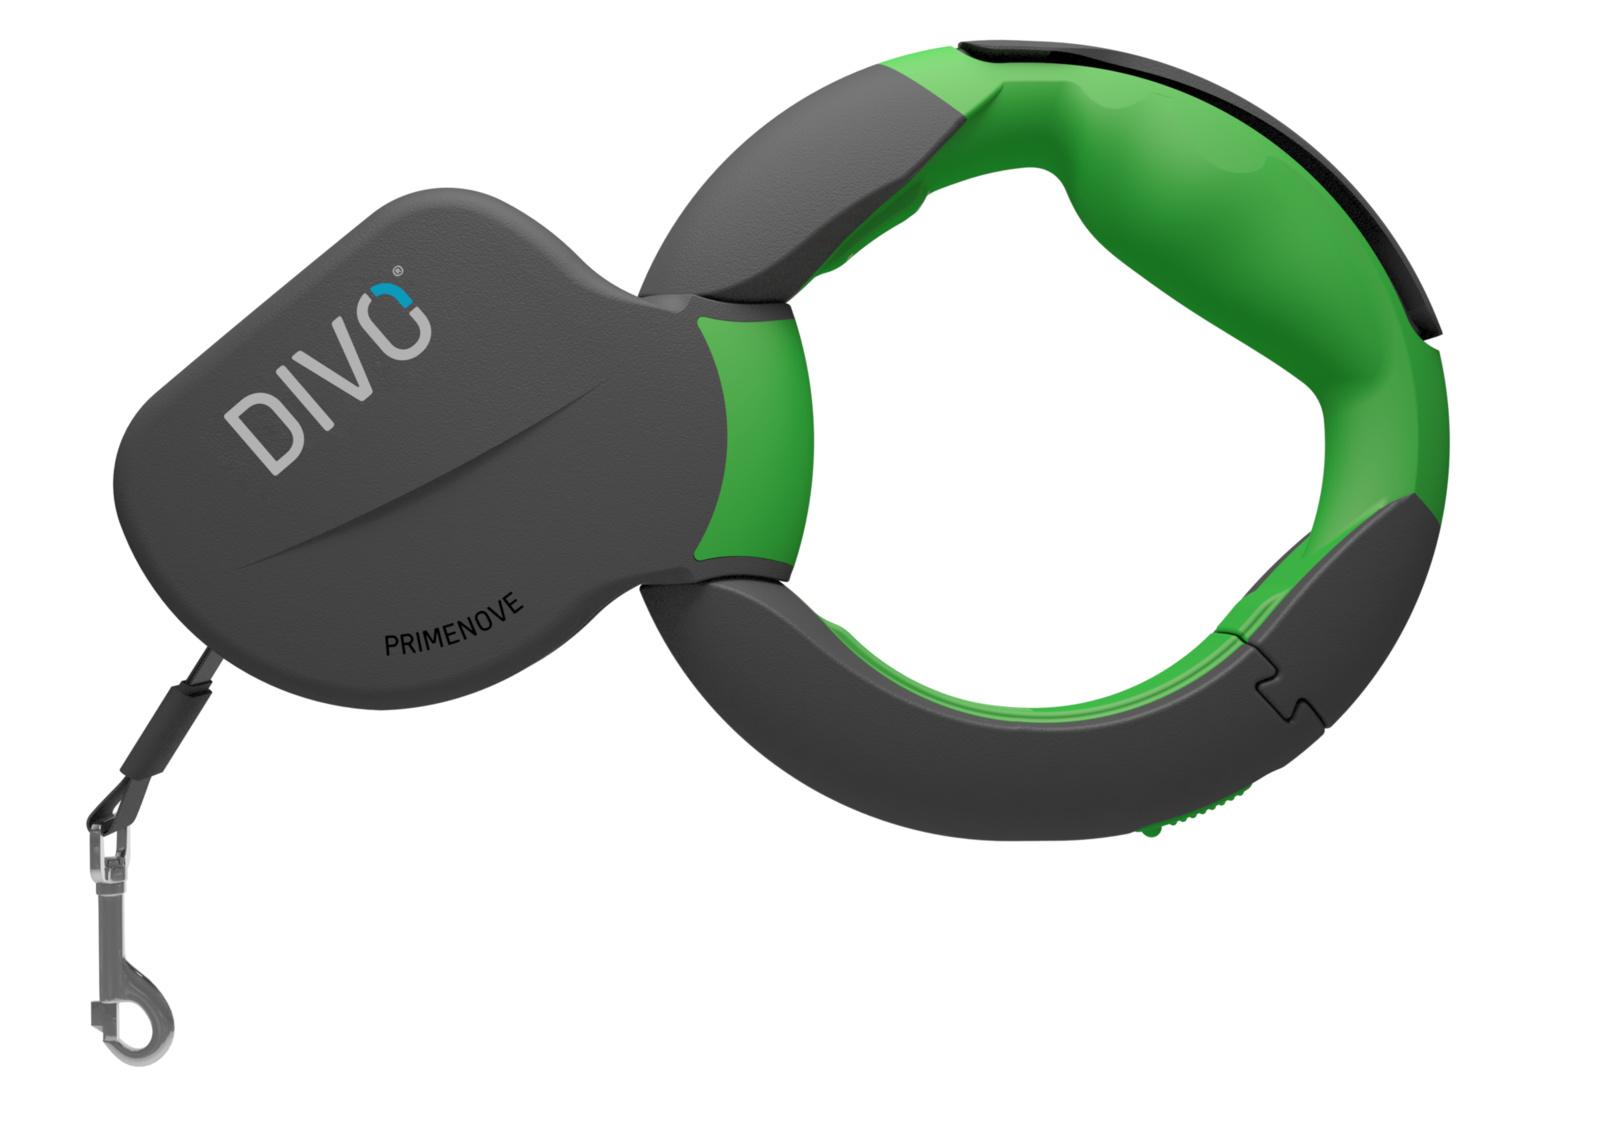 il divo brasília Divo Divo рулетка-ремень с автоматической системой торможения и эргономичной расстегивающейся ручкой (зелёная) (до 50кг, 3.5м)